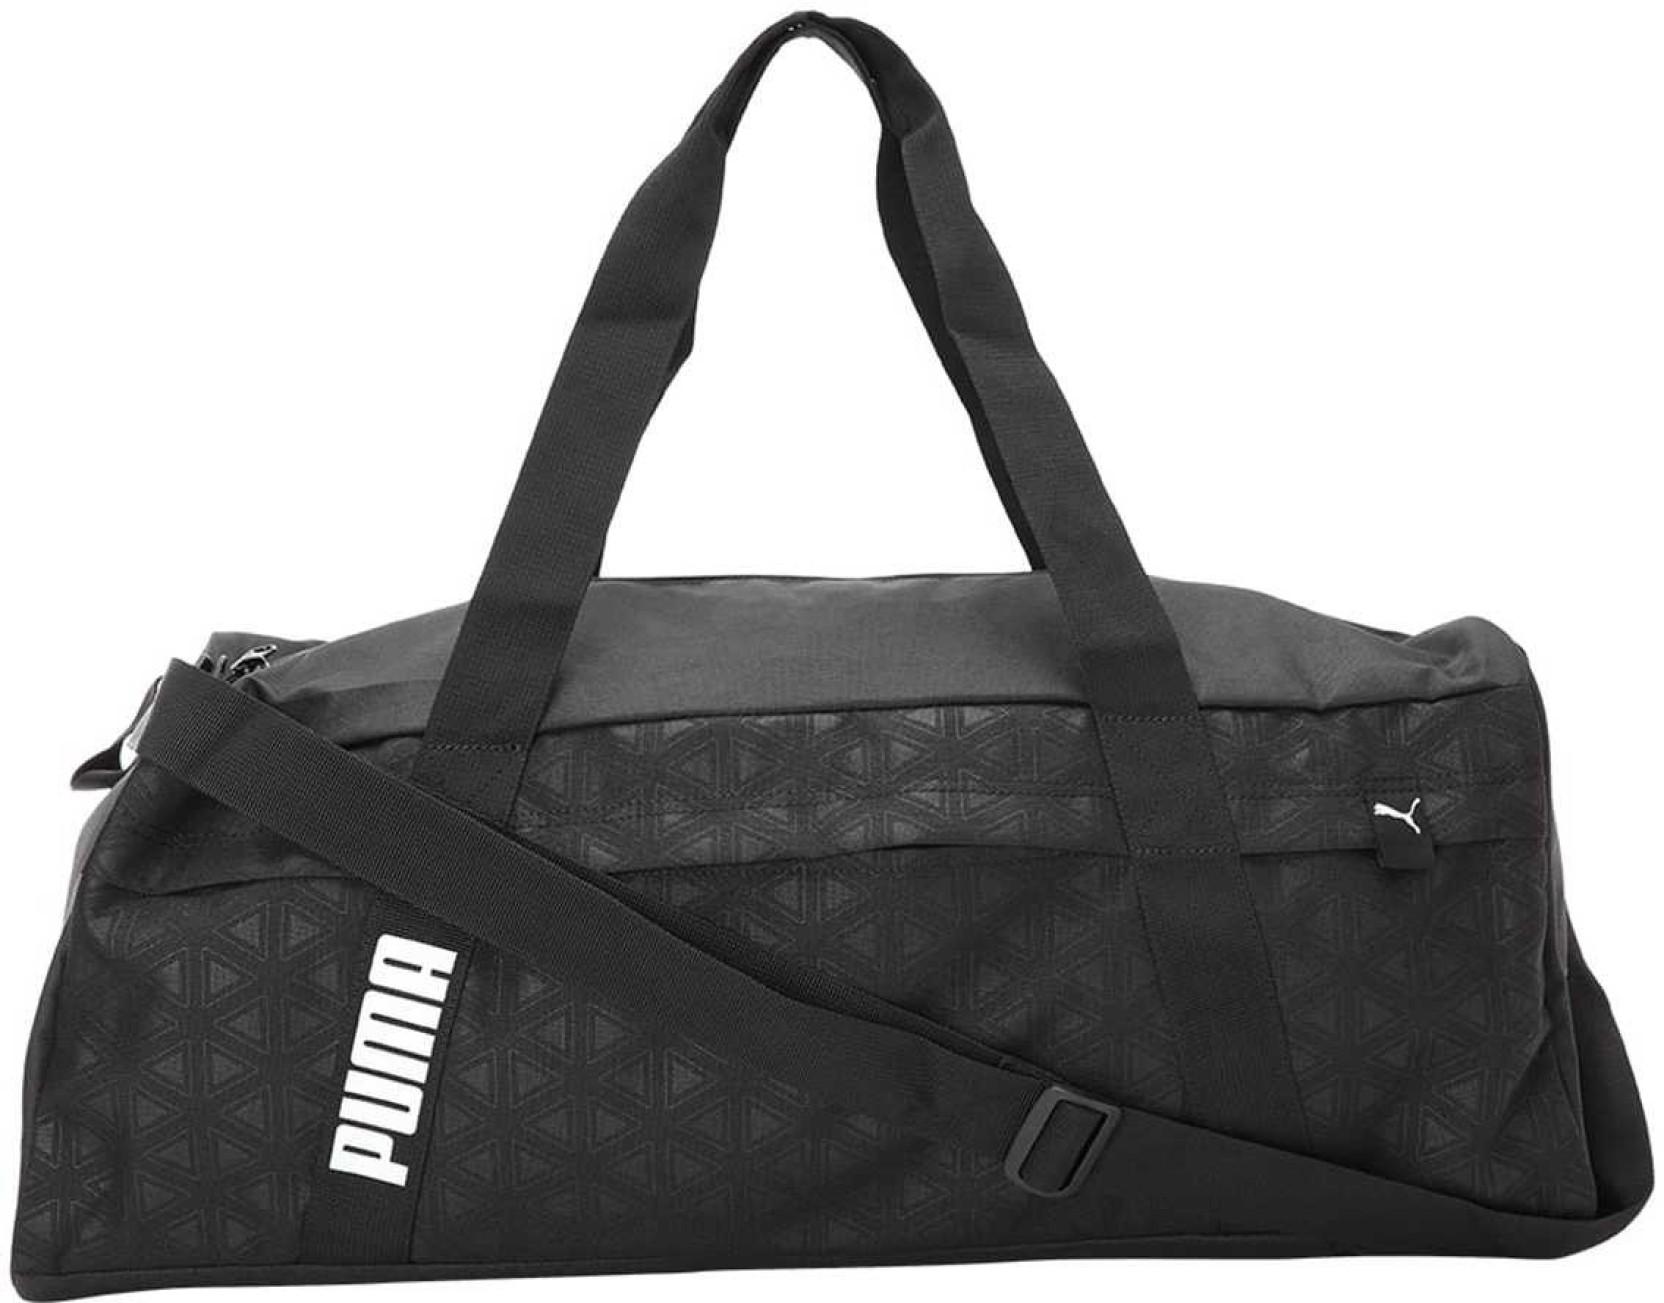 5e6dc6829 Puma Evopower Small Sports Bag | The Shred Centre